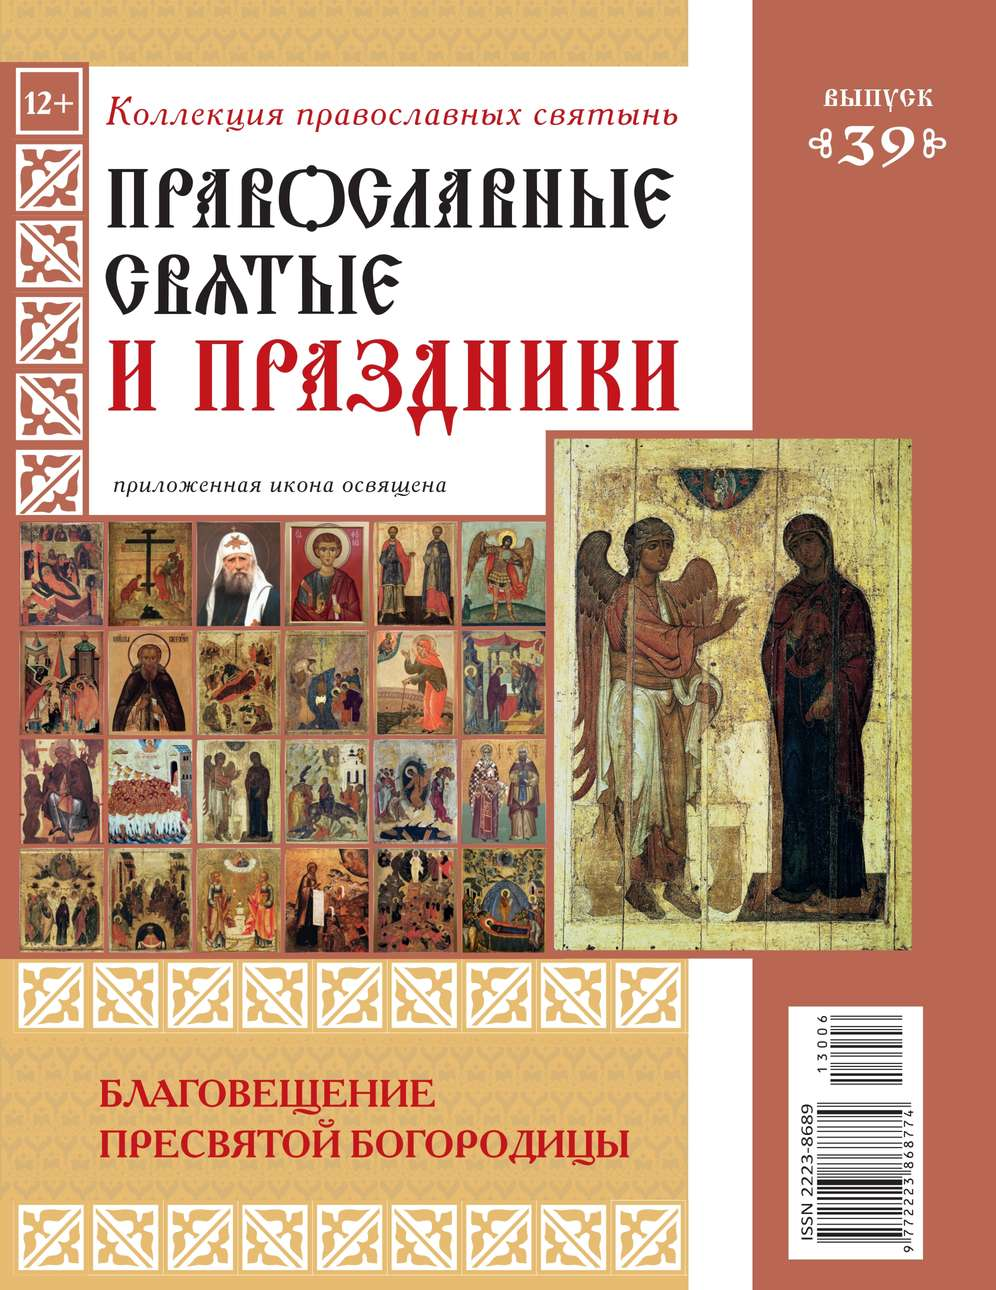 Редакция журнала Коллекция Православных Святынь Коллекция Православных Святынь 39 jd коллекция черный 39